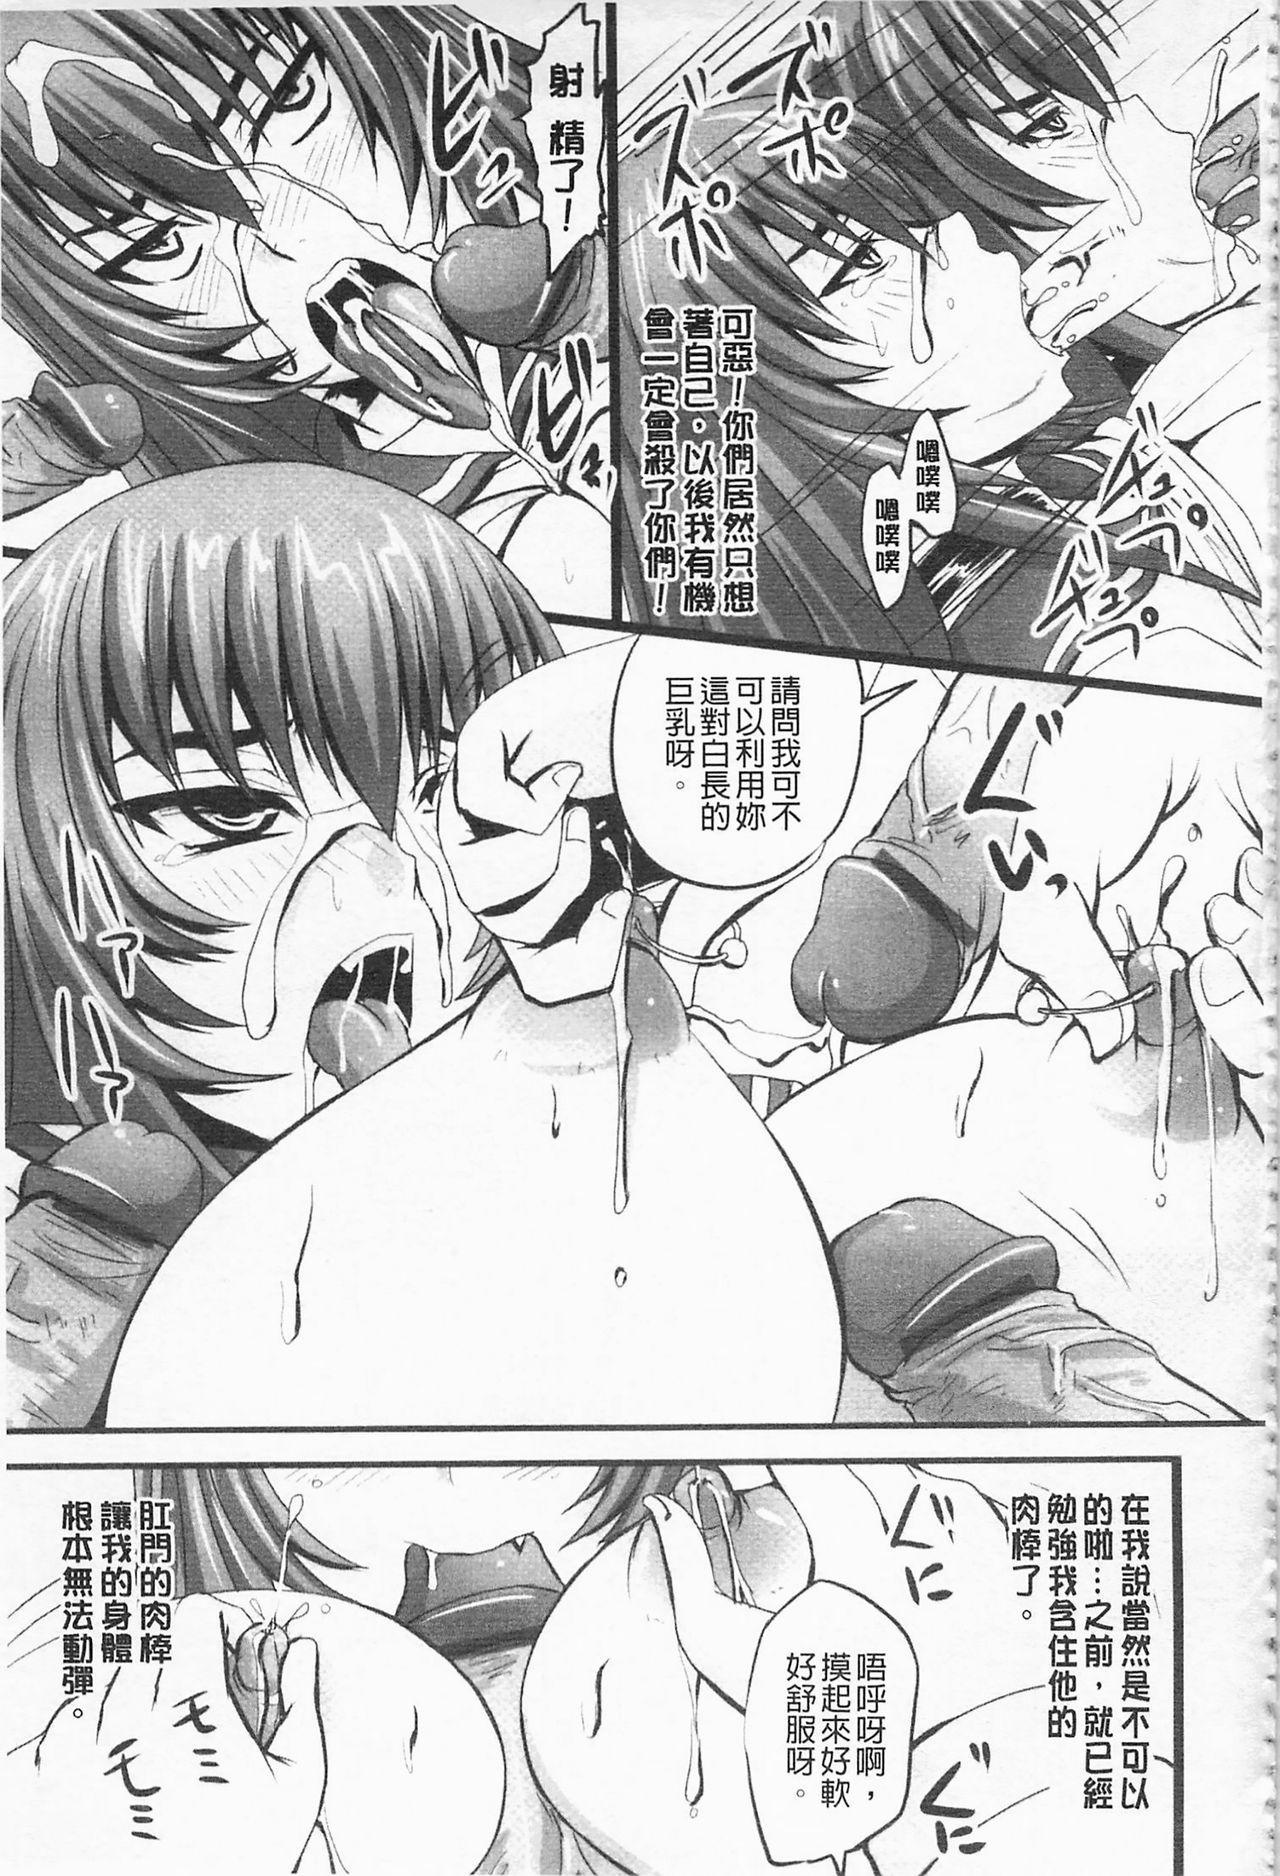 [Nozarashi Satoru] Do S na Hime wa Kegasareru -Ouhou no Shou-   超S的公主被玷汙了 ~報應之章~ [Chinese] 149